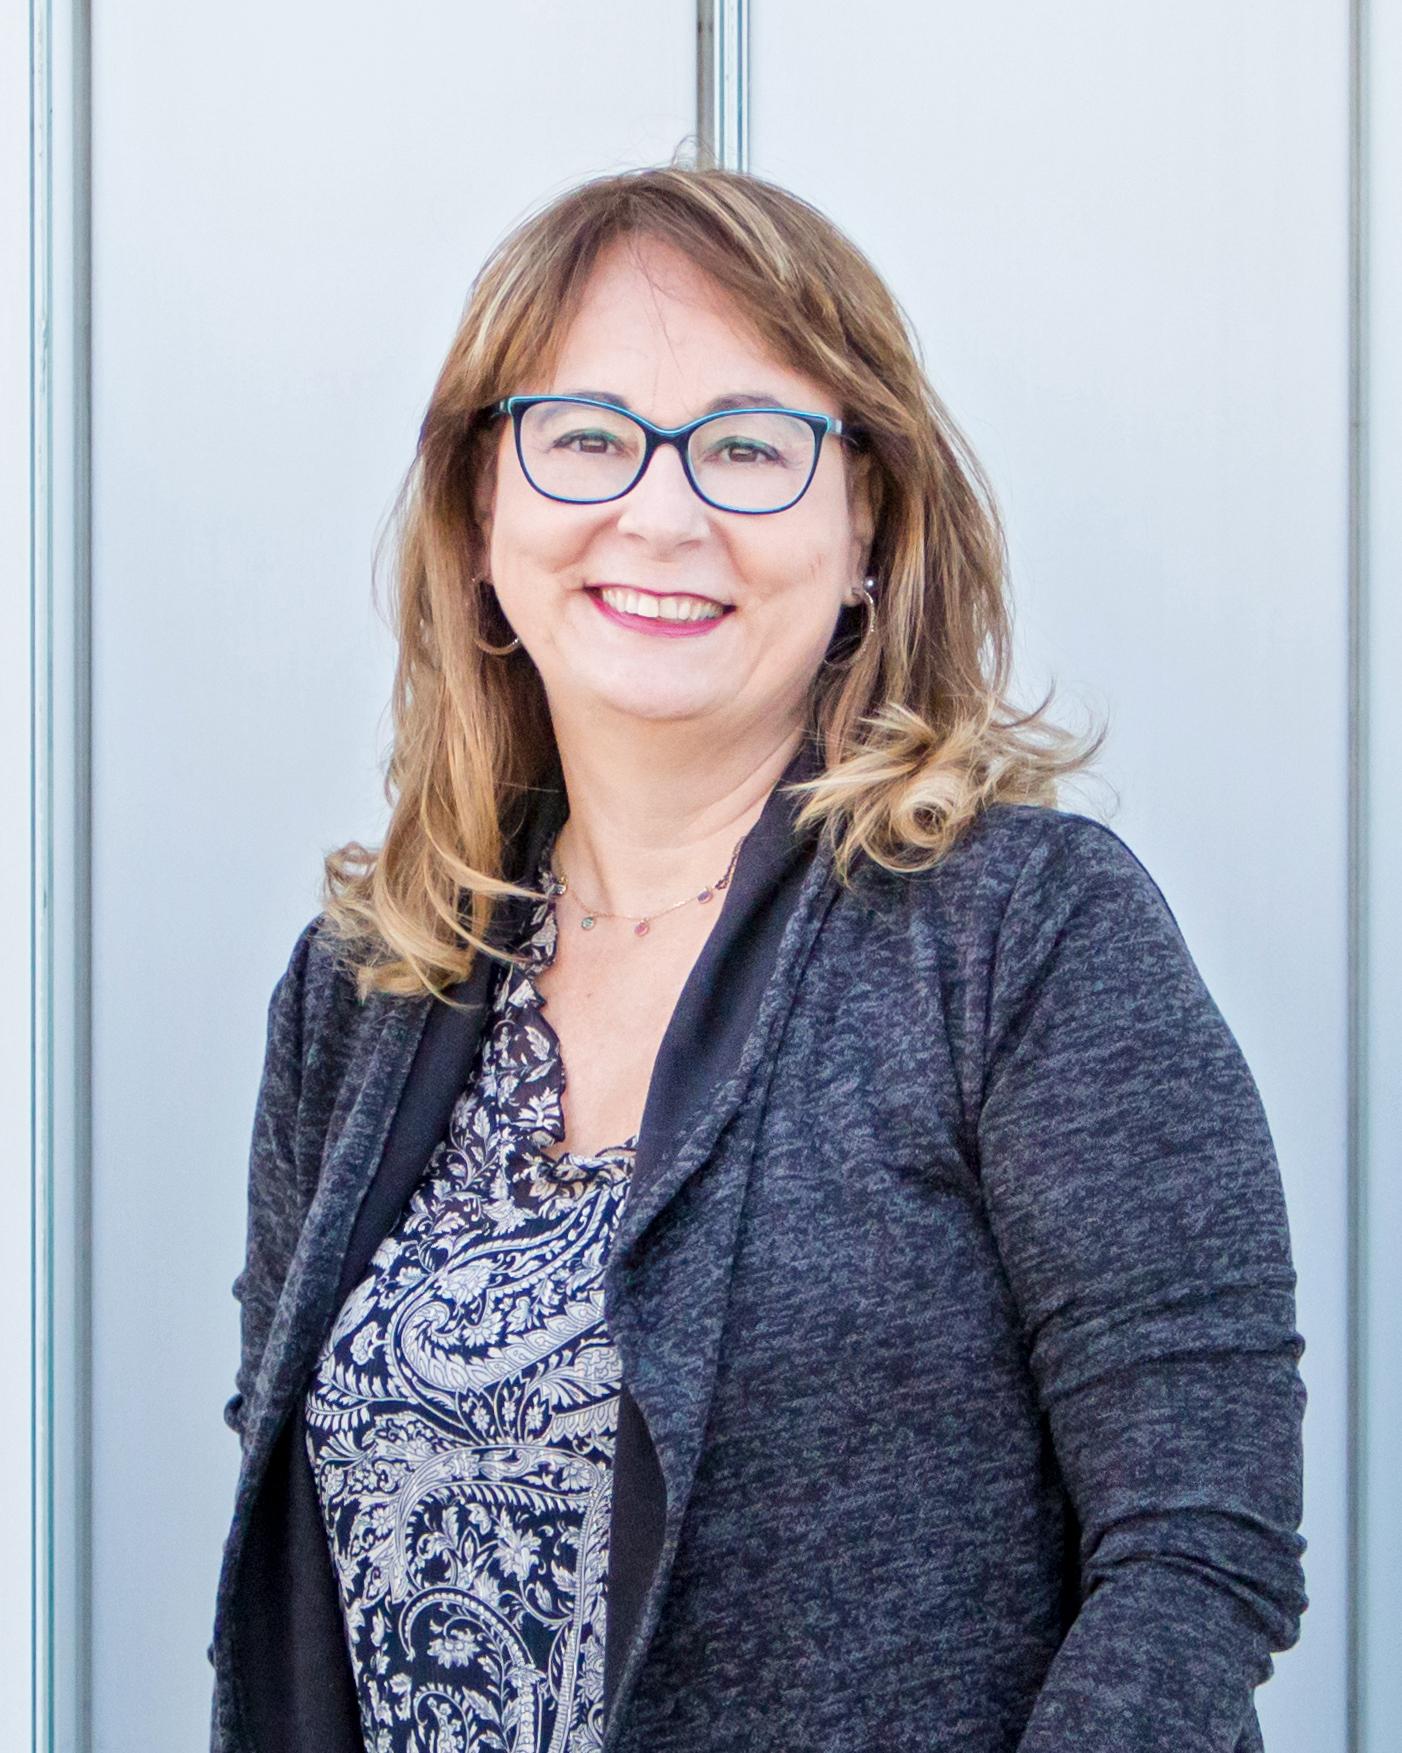 Anita Rossella Testa